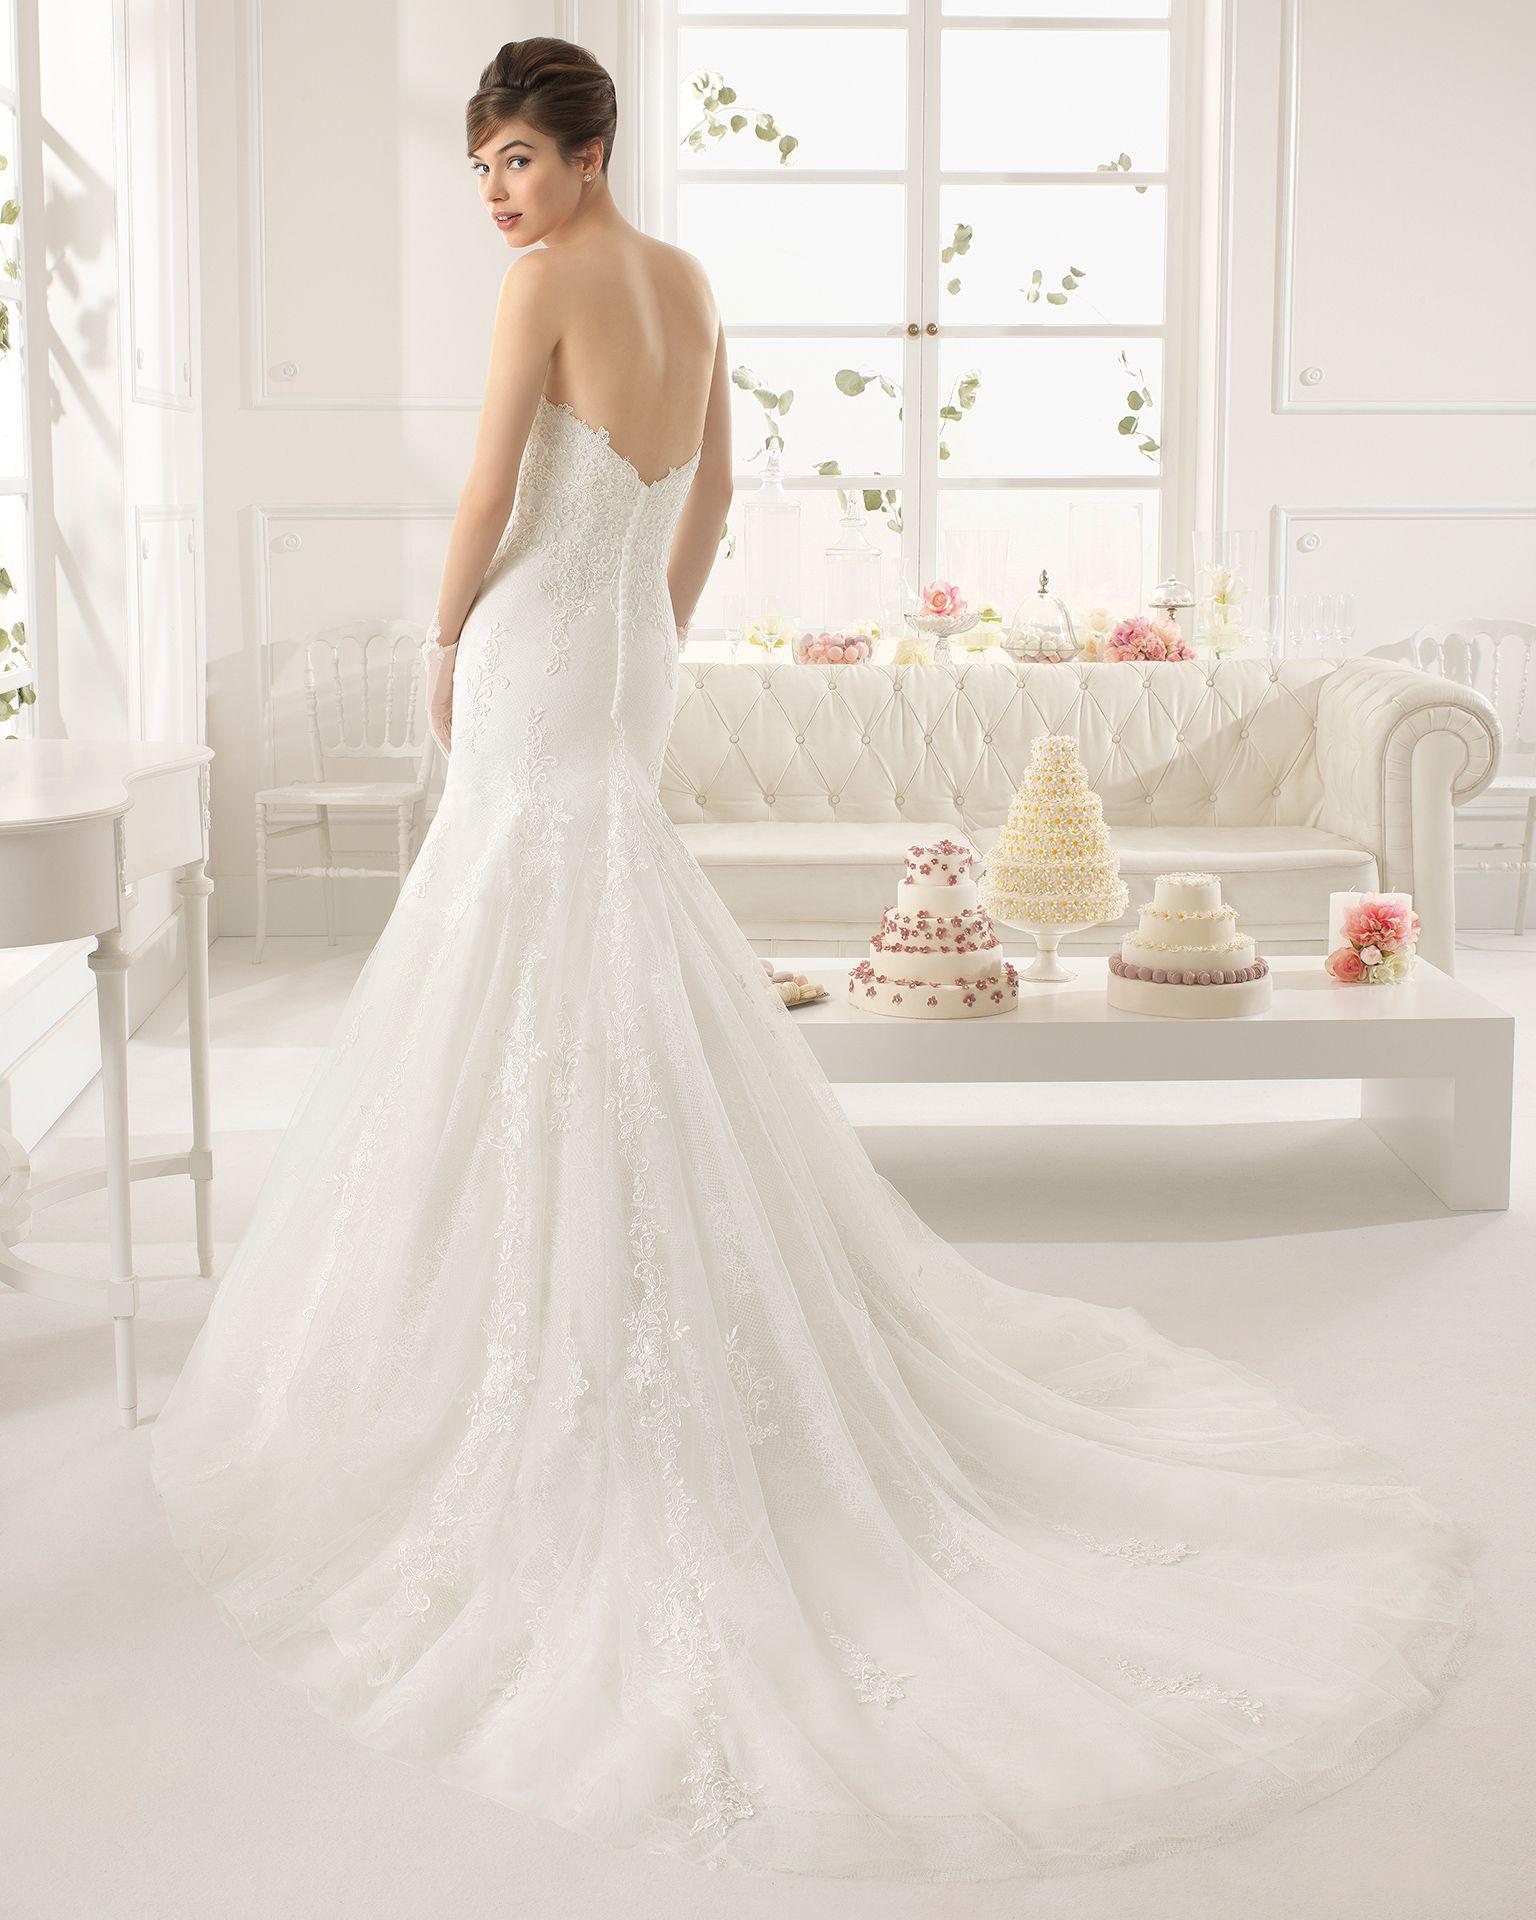 Alteza vestido de novia corte sirena | Wedding Ideas | Pinterest ...